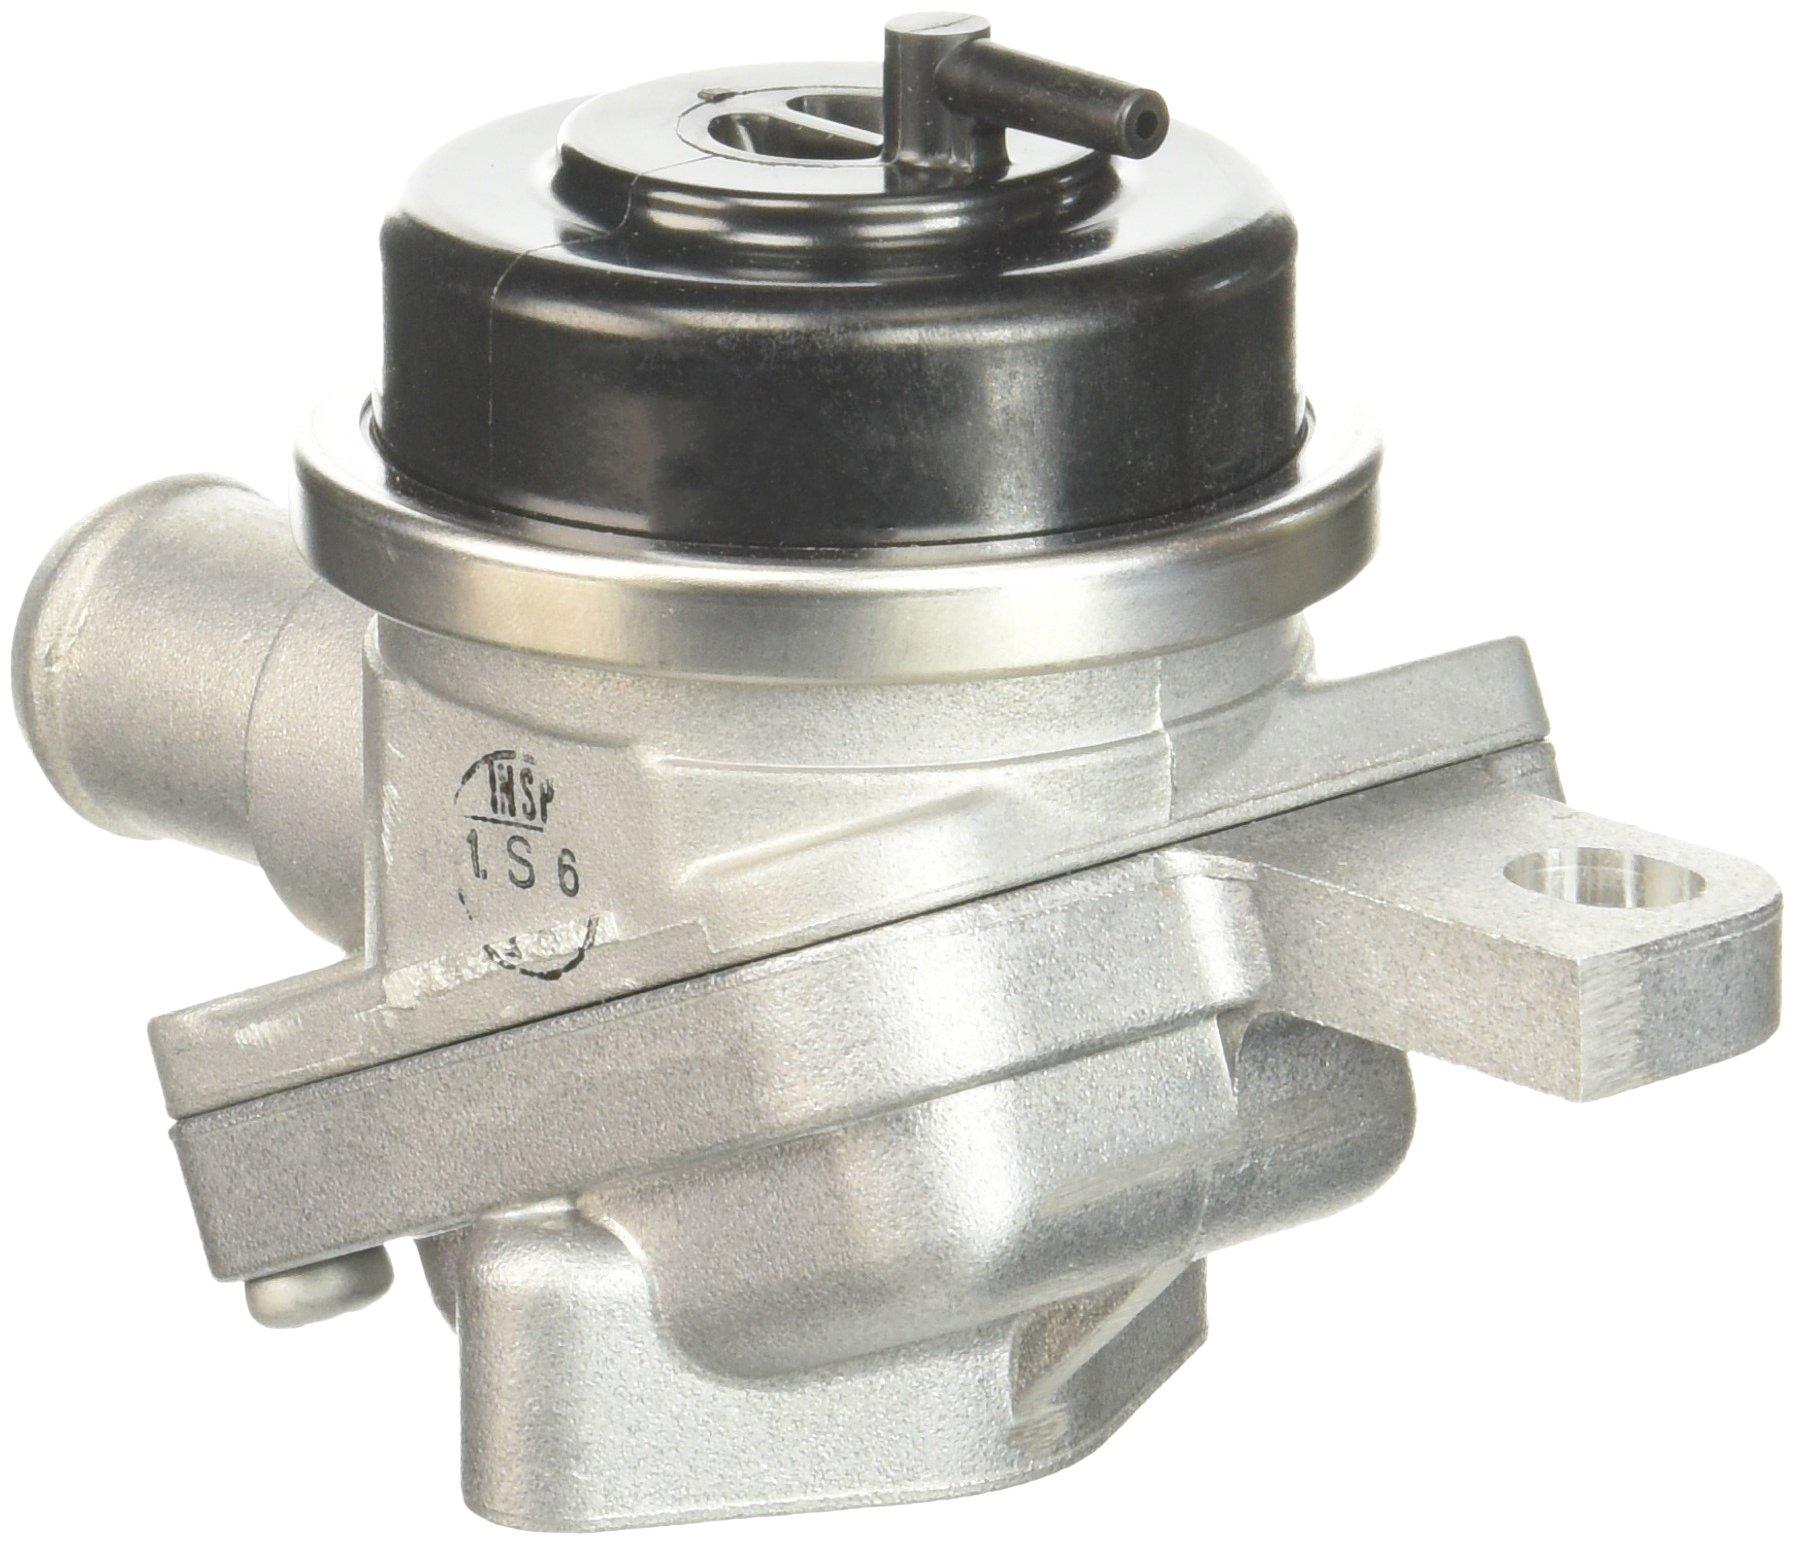 Standard Motor Products DV141 Diverter Valve